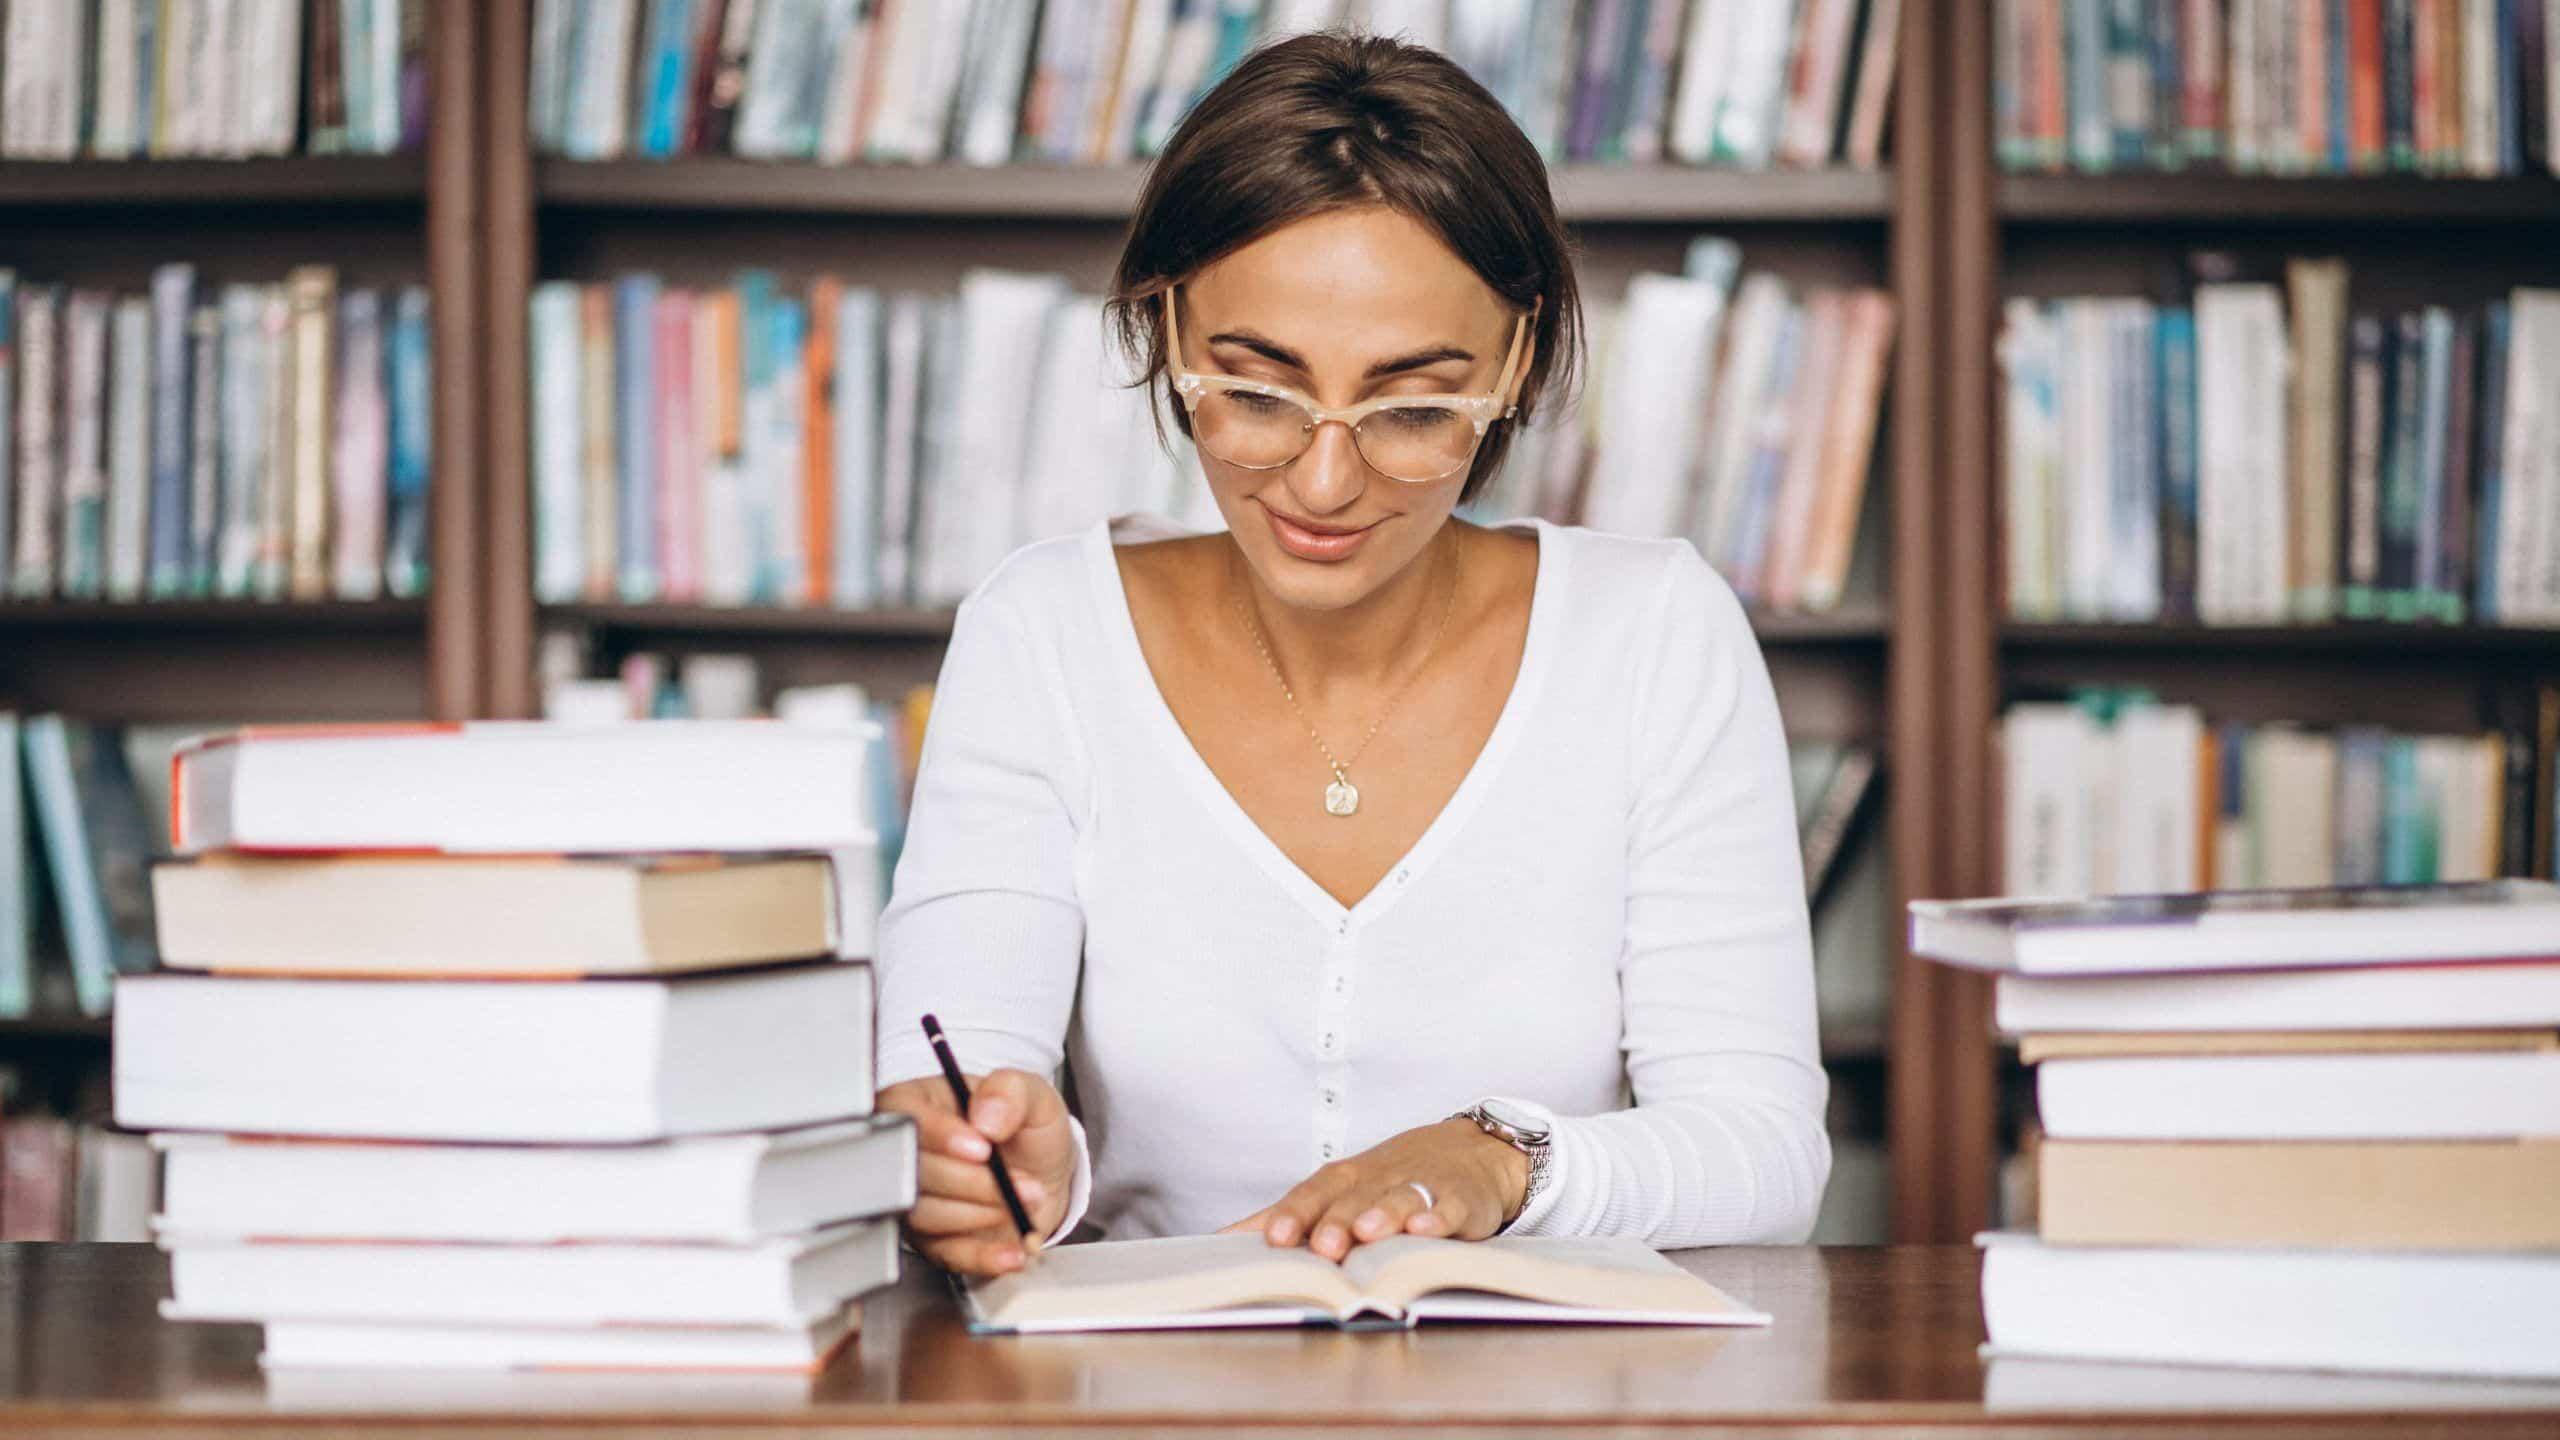 Sebevzdělávání a rozvoj jako inspirace k životu